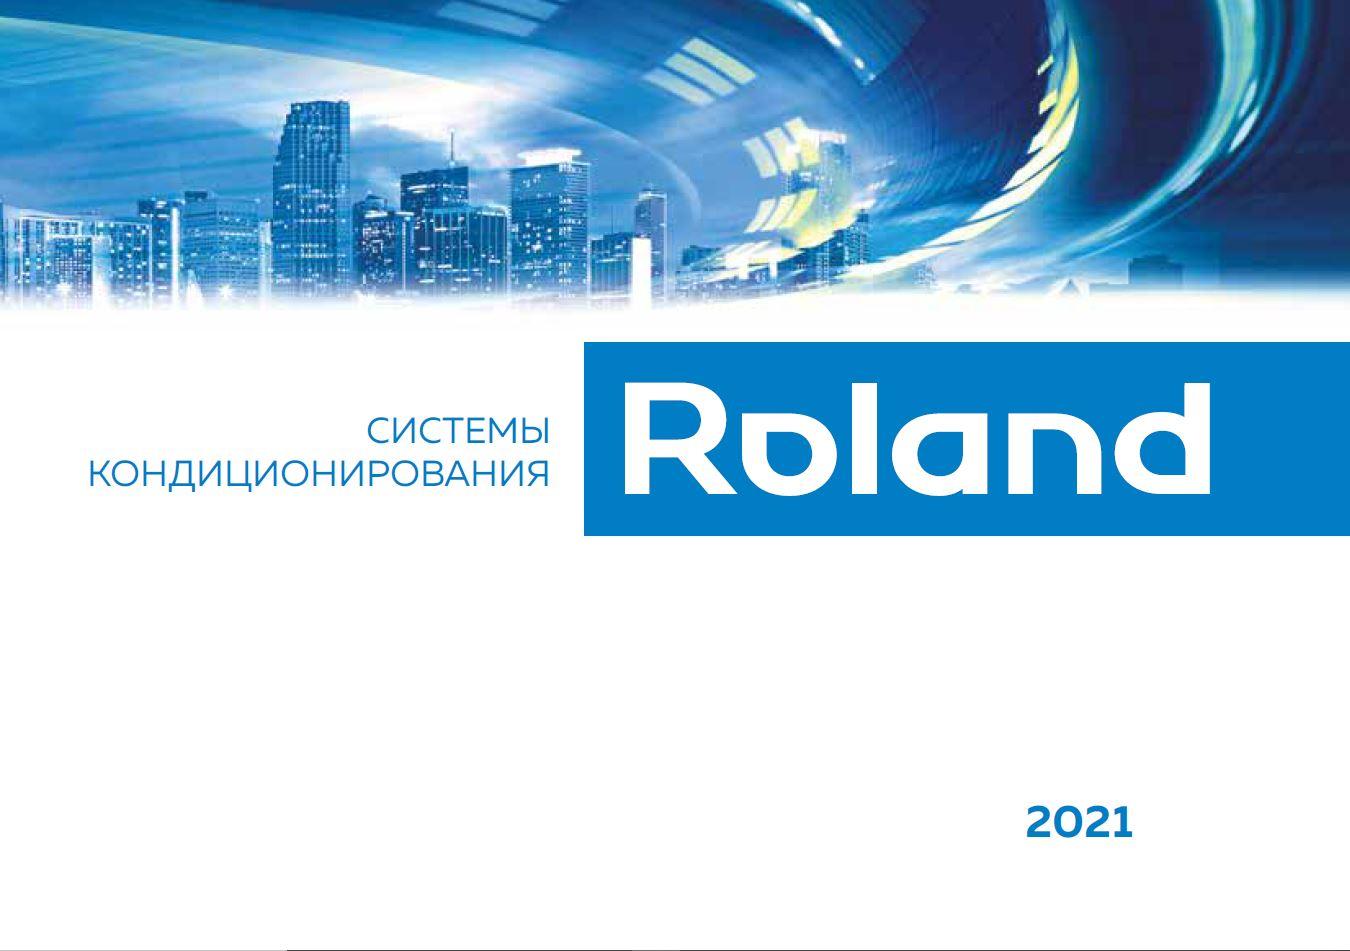 Системы кондиционирования Roland 2021